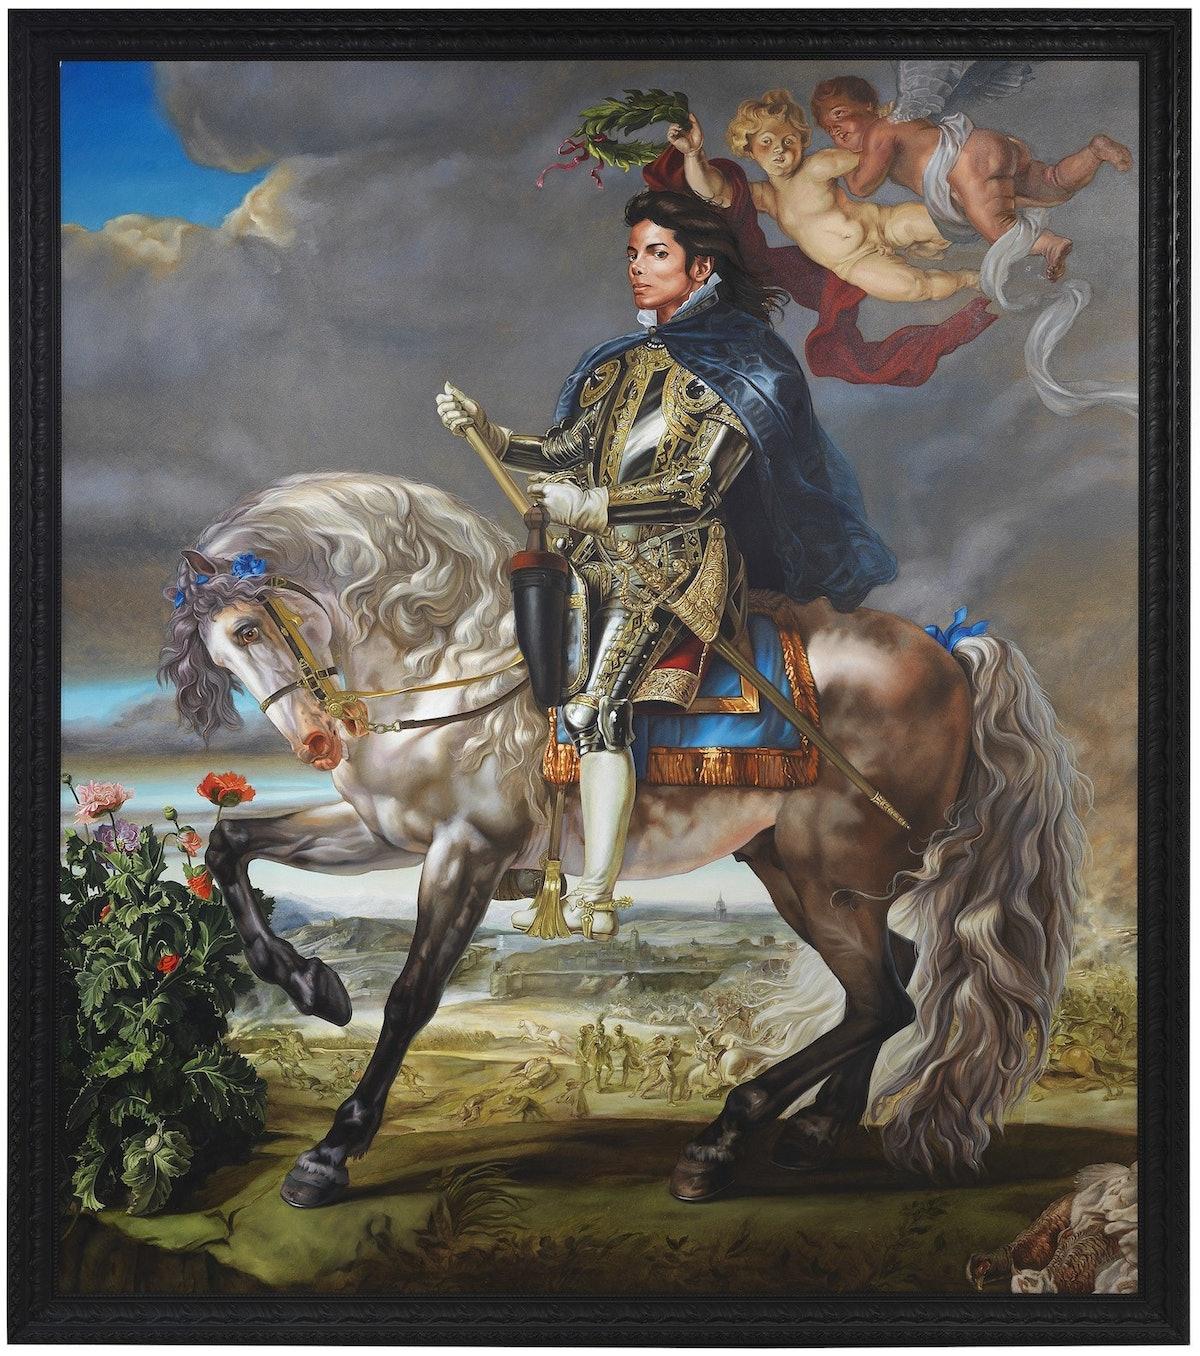 089_Equestrian Portrait of King Philip II, 2009 by Kehinde Wiley.jpg